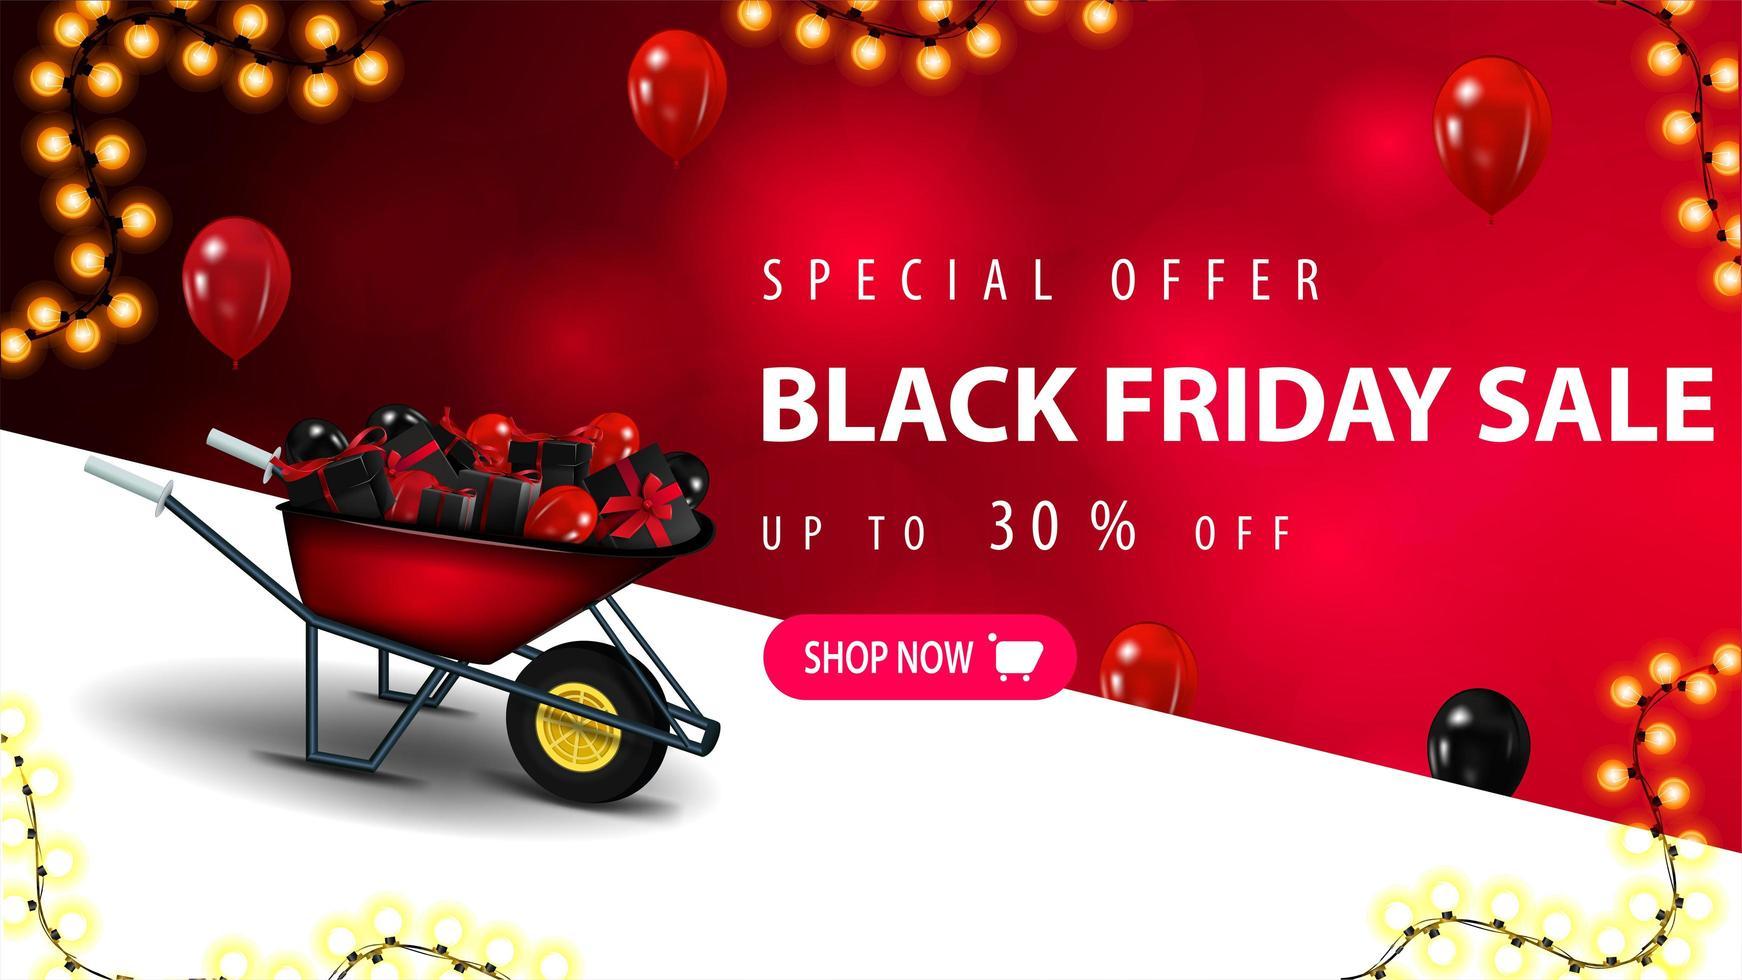 offre spéciale, bannière de réduction de vente vendredi noir vecteur